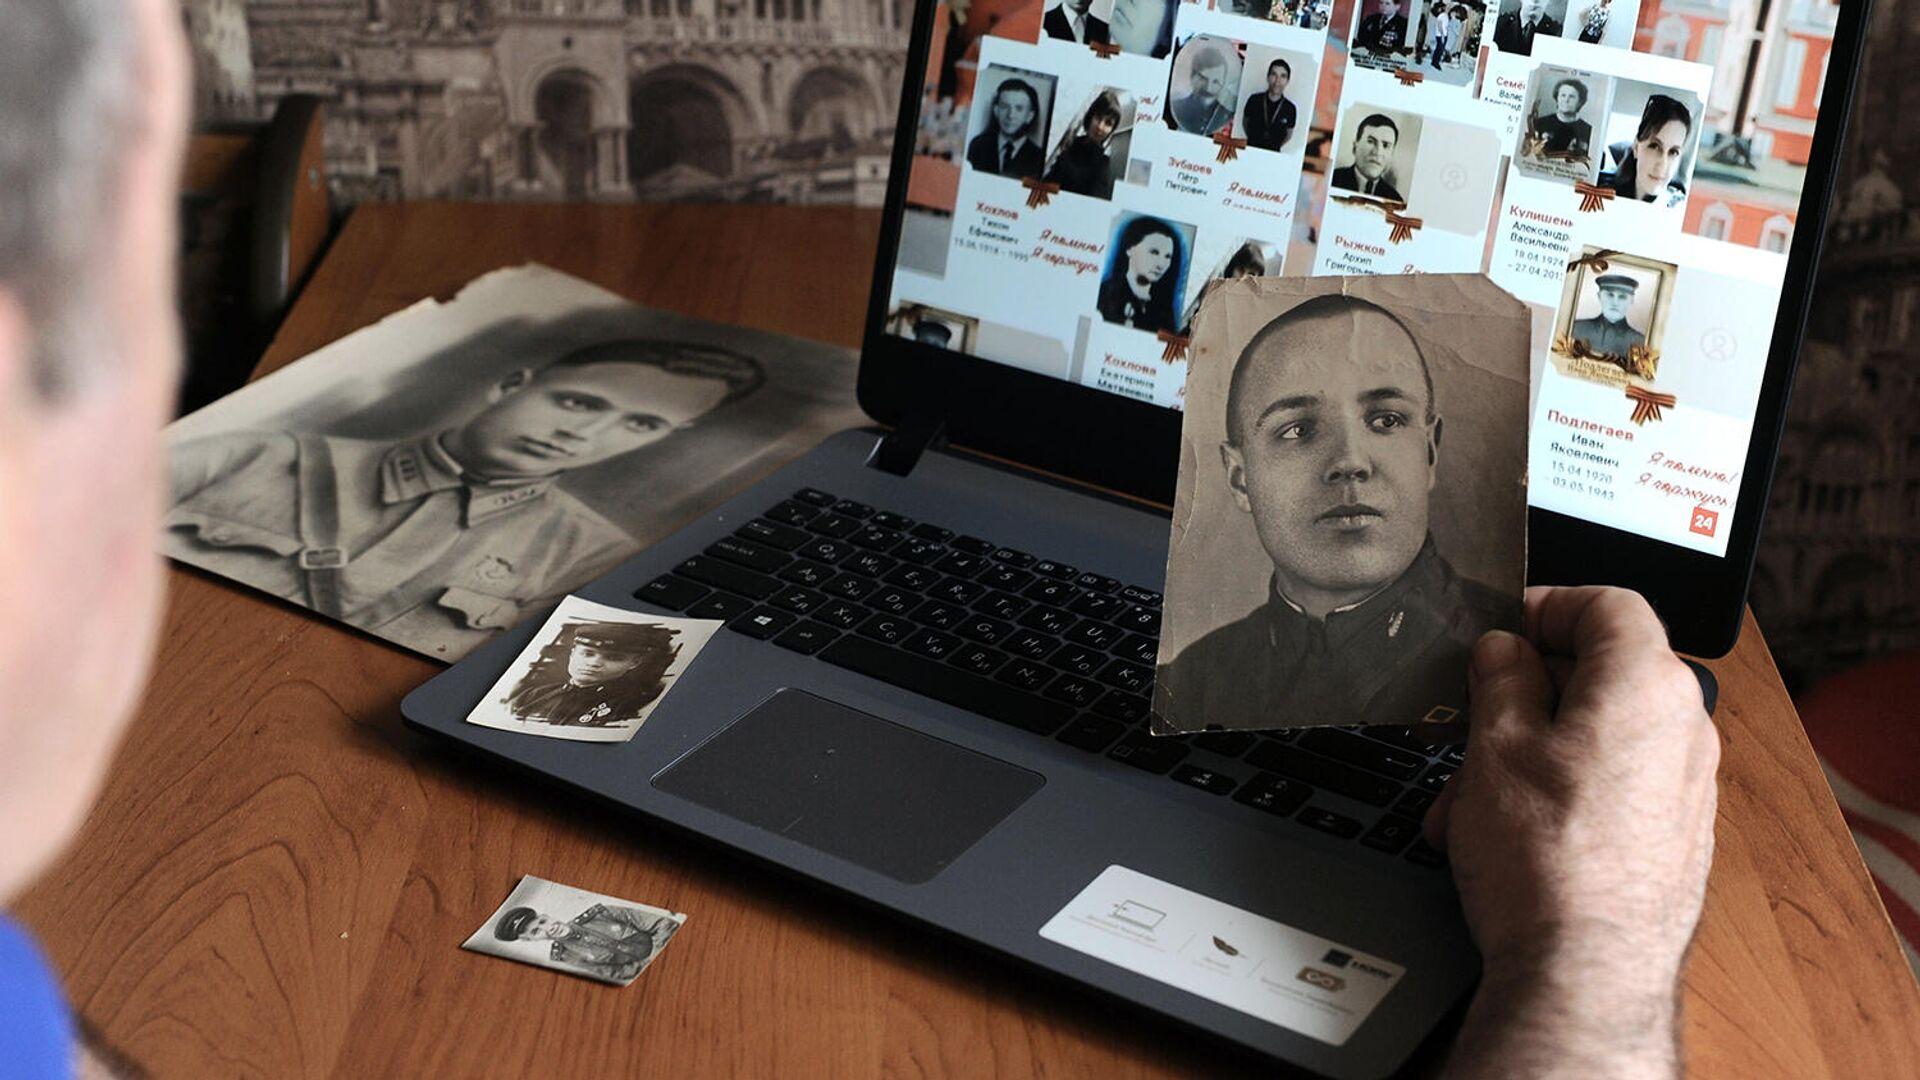 Мужчина смотрит онлайн-трансляцию акции Бессмертный полк - РИА Новости, 1920, 09.05.2021